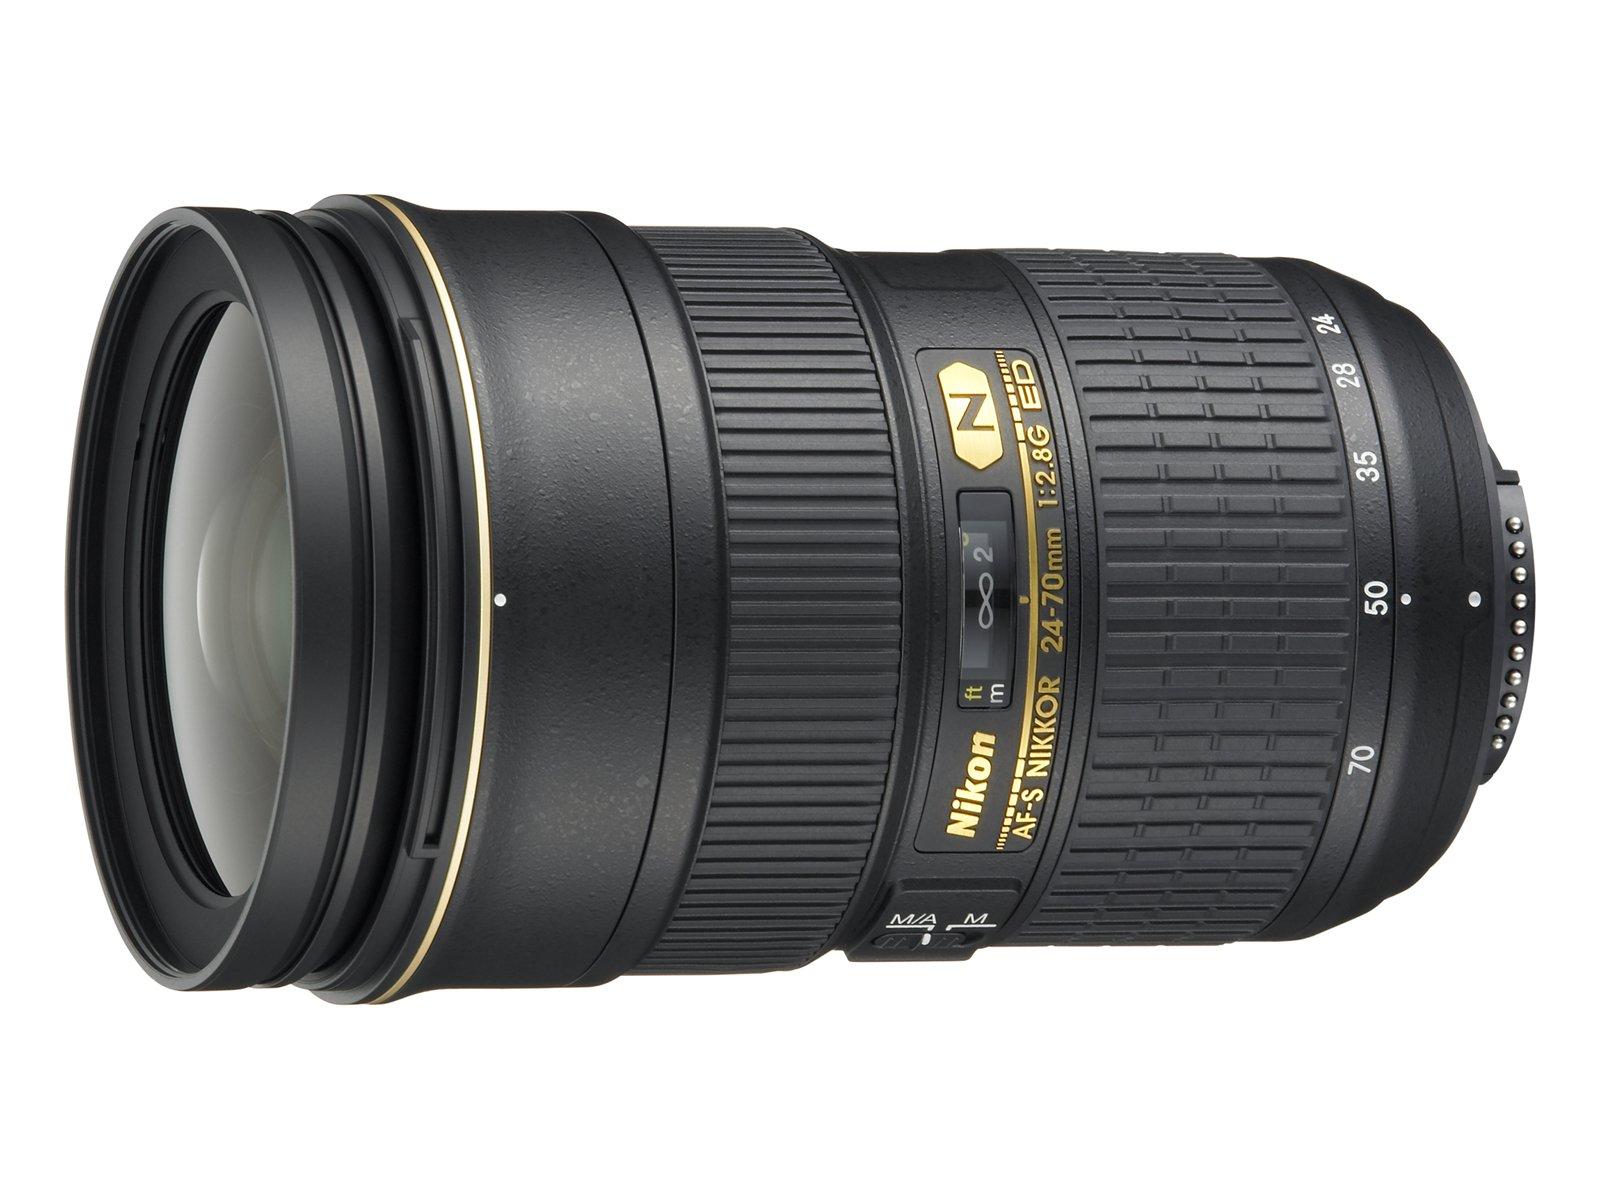 Nikon AF-S FX NIKKOR 24-70mm f/2.8G ED Zoom Lens with Auto Focus for Nikon DSLR Cameras by Nikon